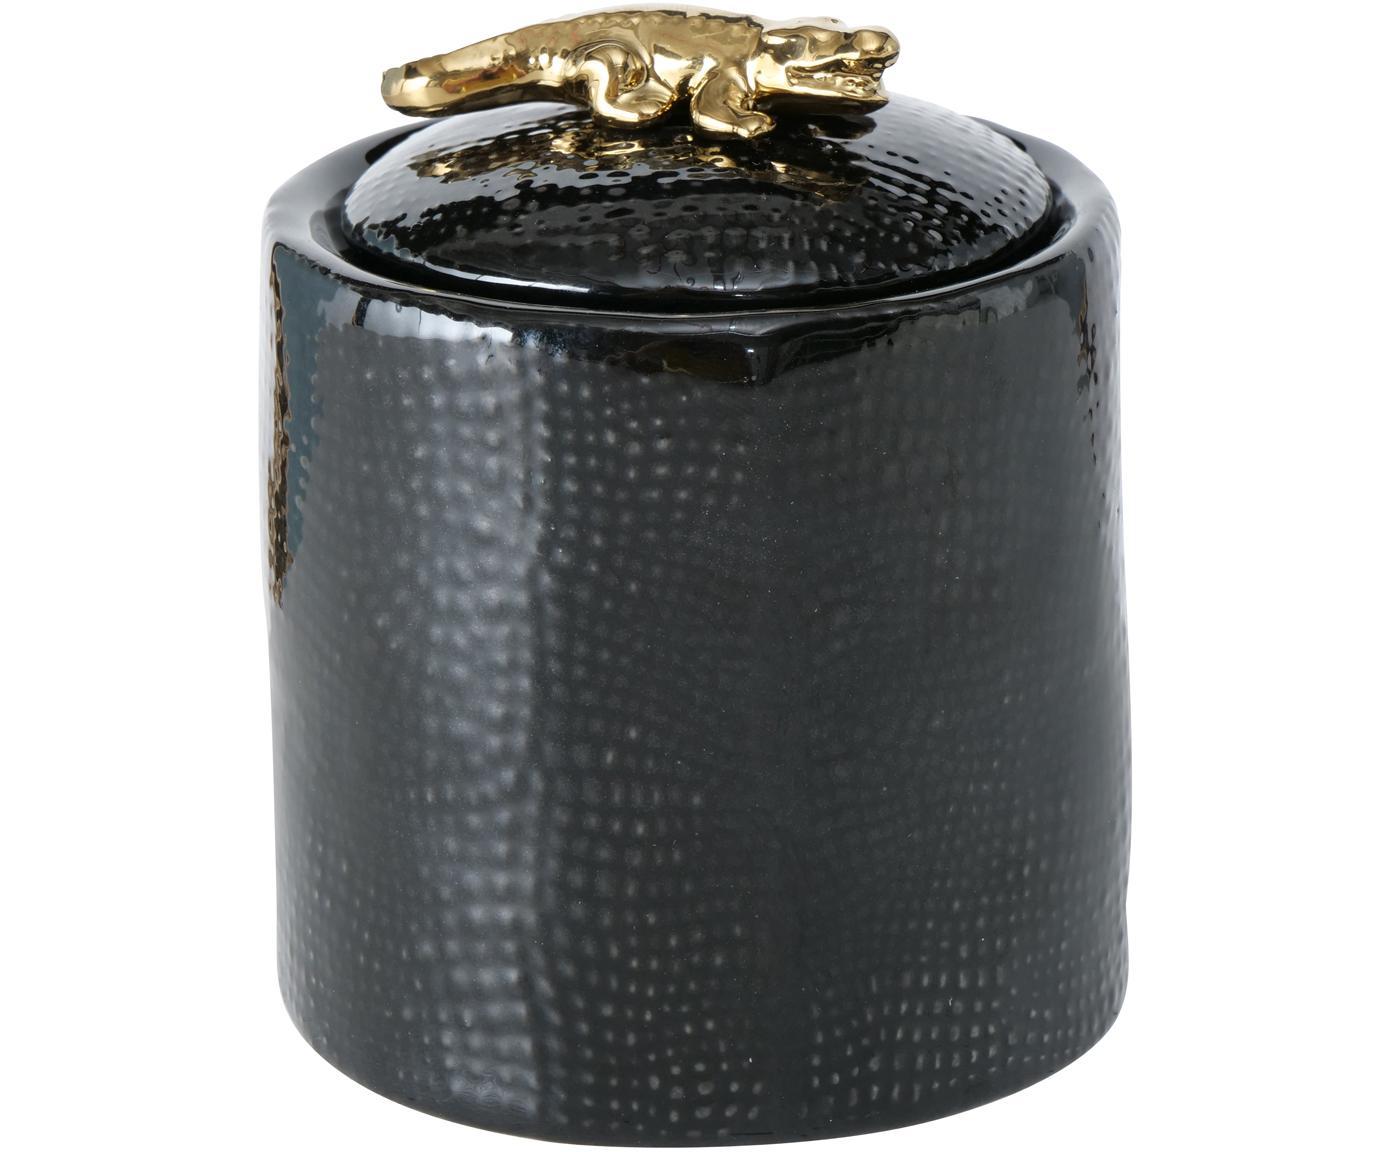 Pudełko na biżuterię Kroko, Porcelana, Czarny, Ø 9 x W 11 cm